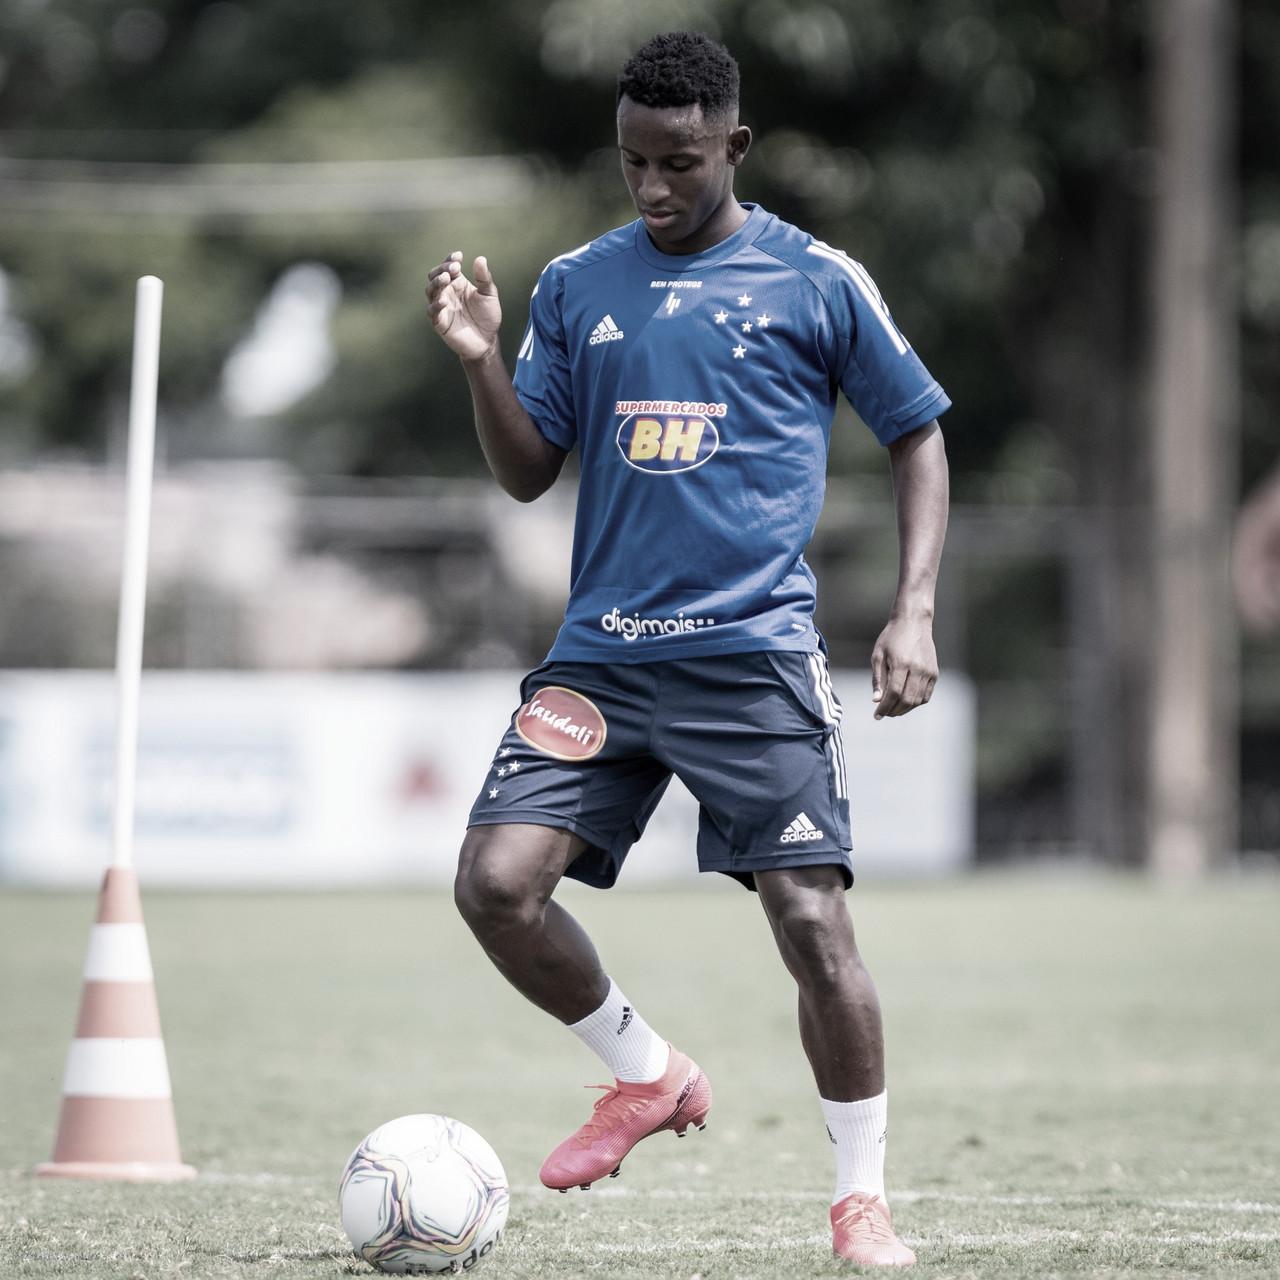 IvanAngulo: números, qualidades e deficiências do novo atleta cruzeirense